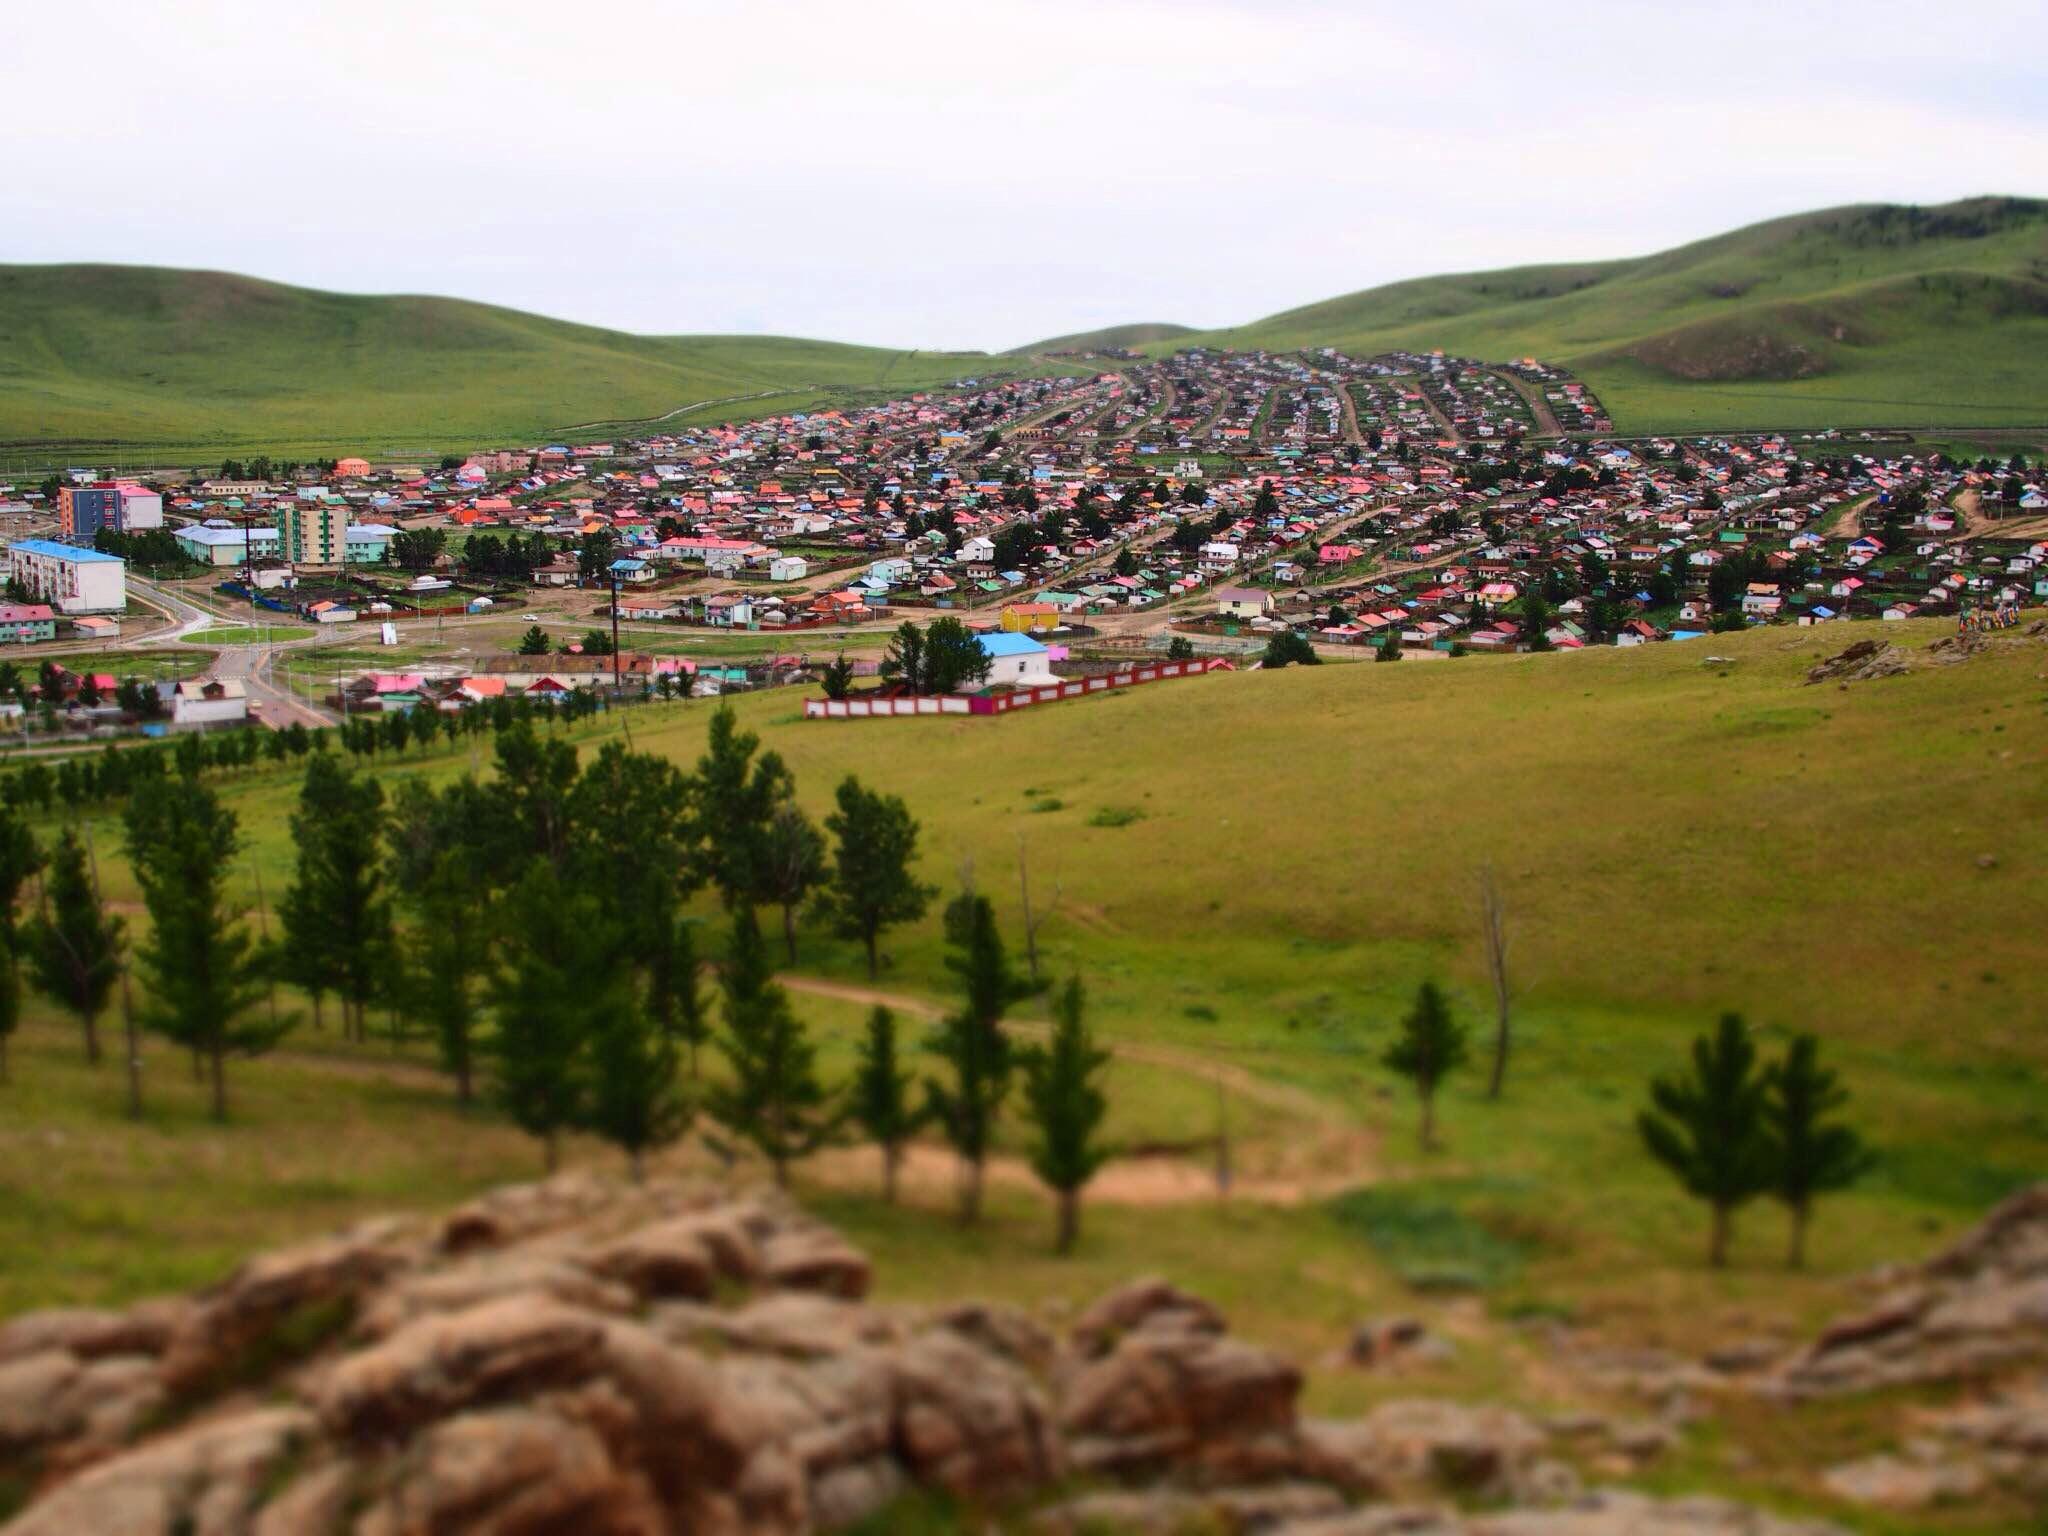 Tsetserleg in Mongolia